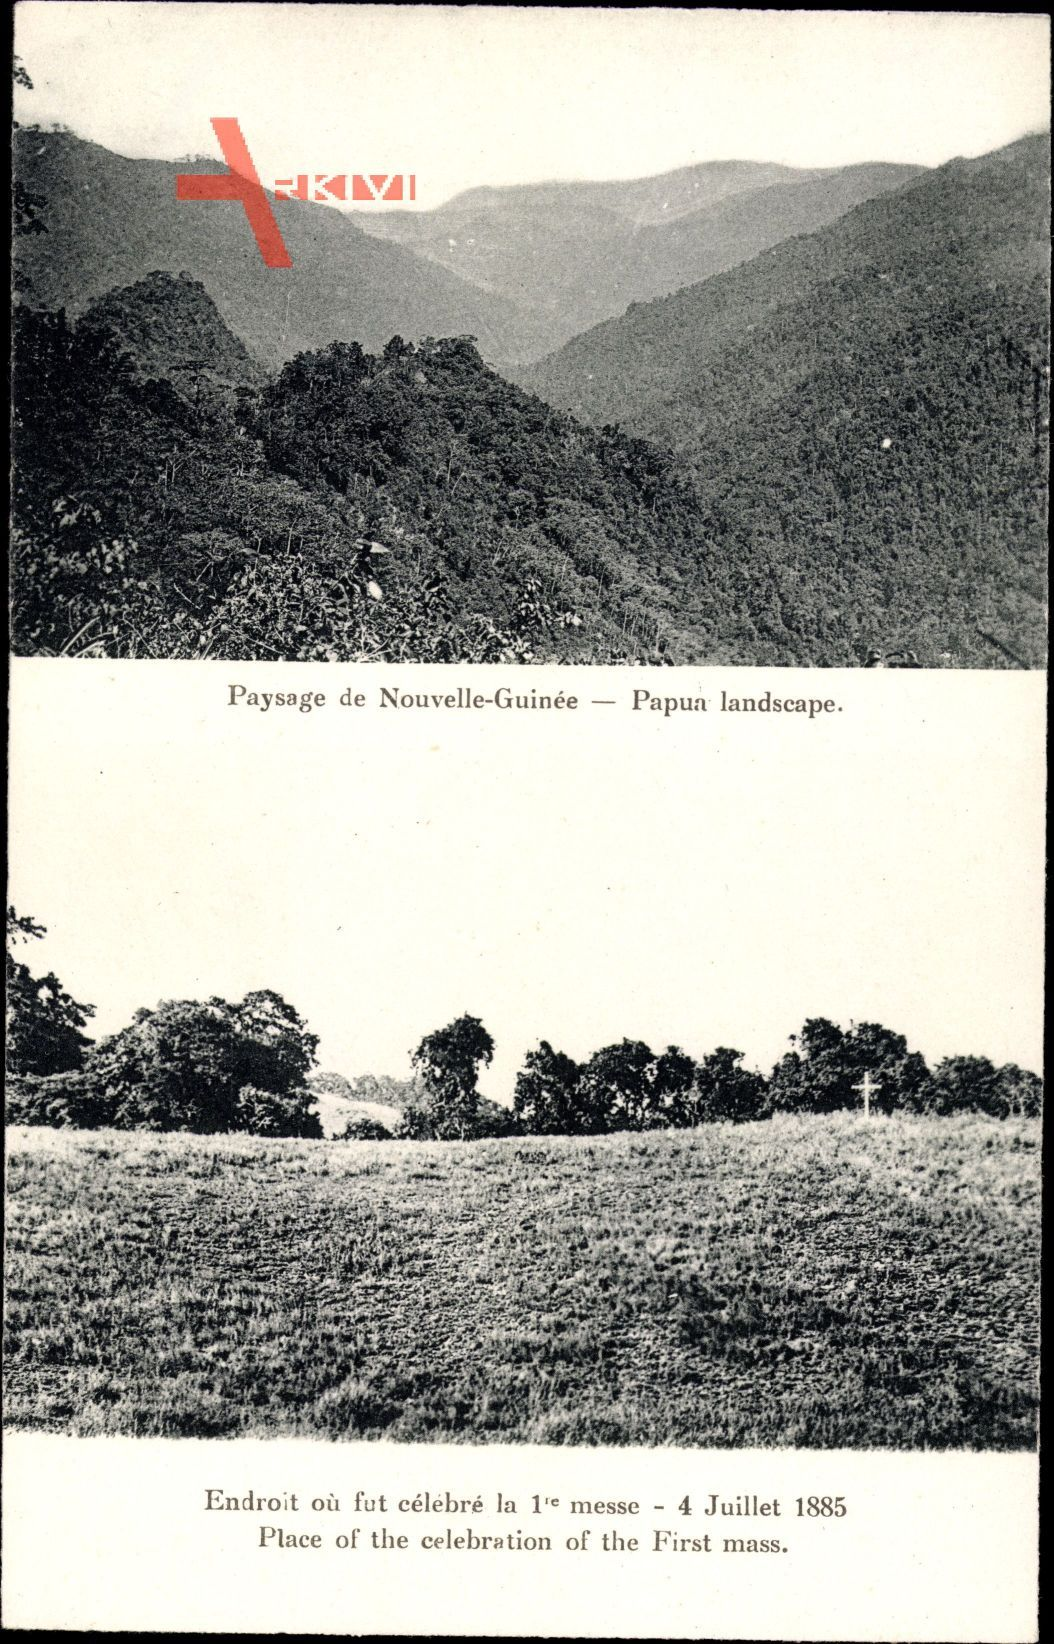 Papua Neuguinea, Endroit oè fut célébré la 1re messe, 4 Juillet 1885